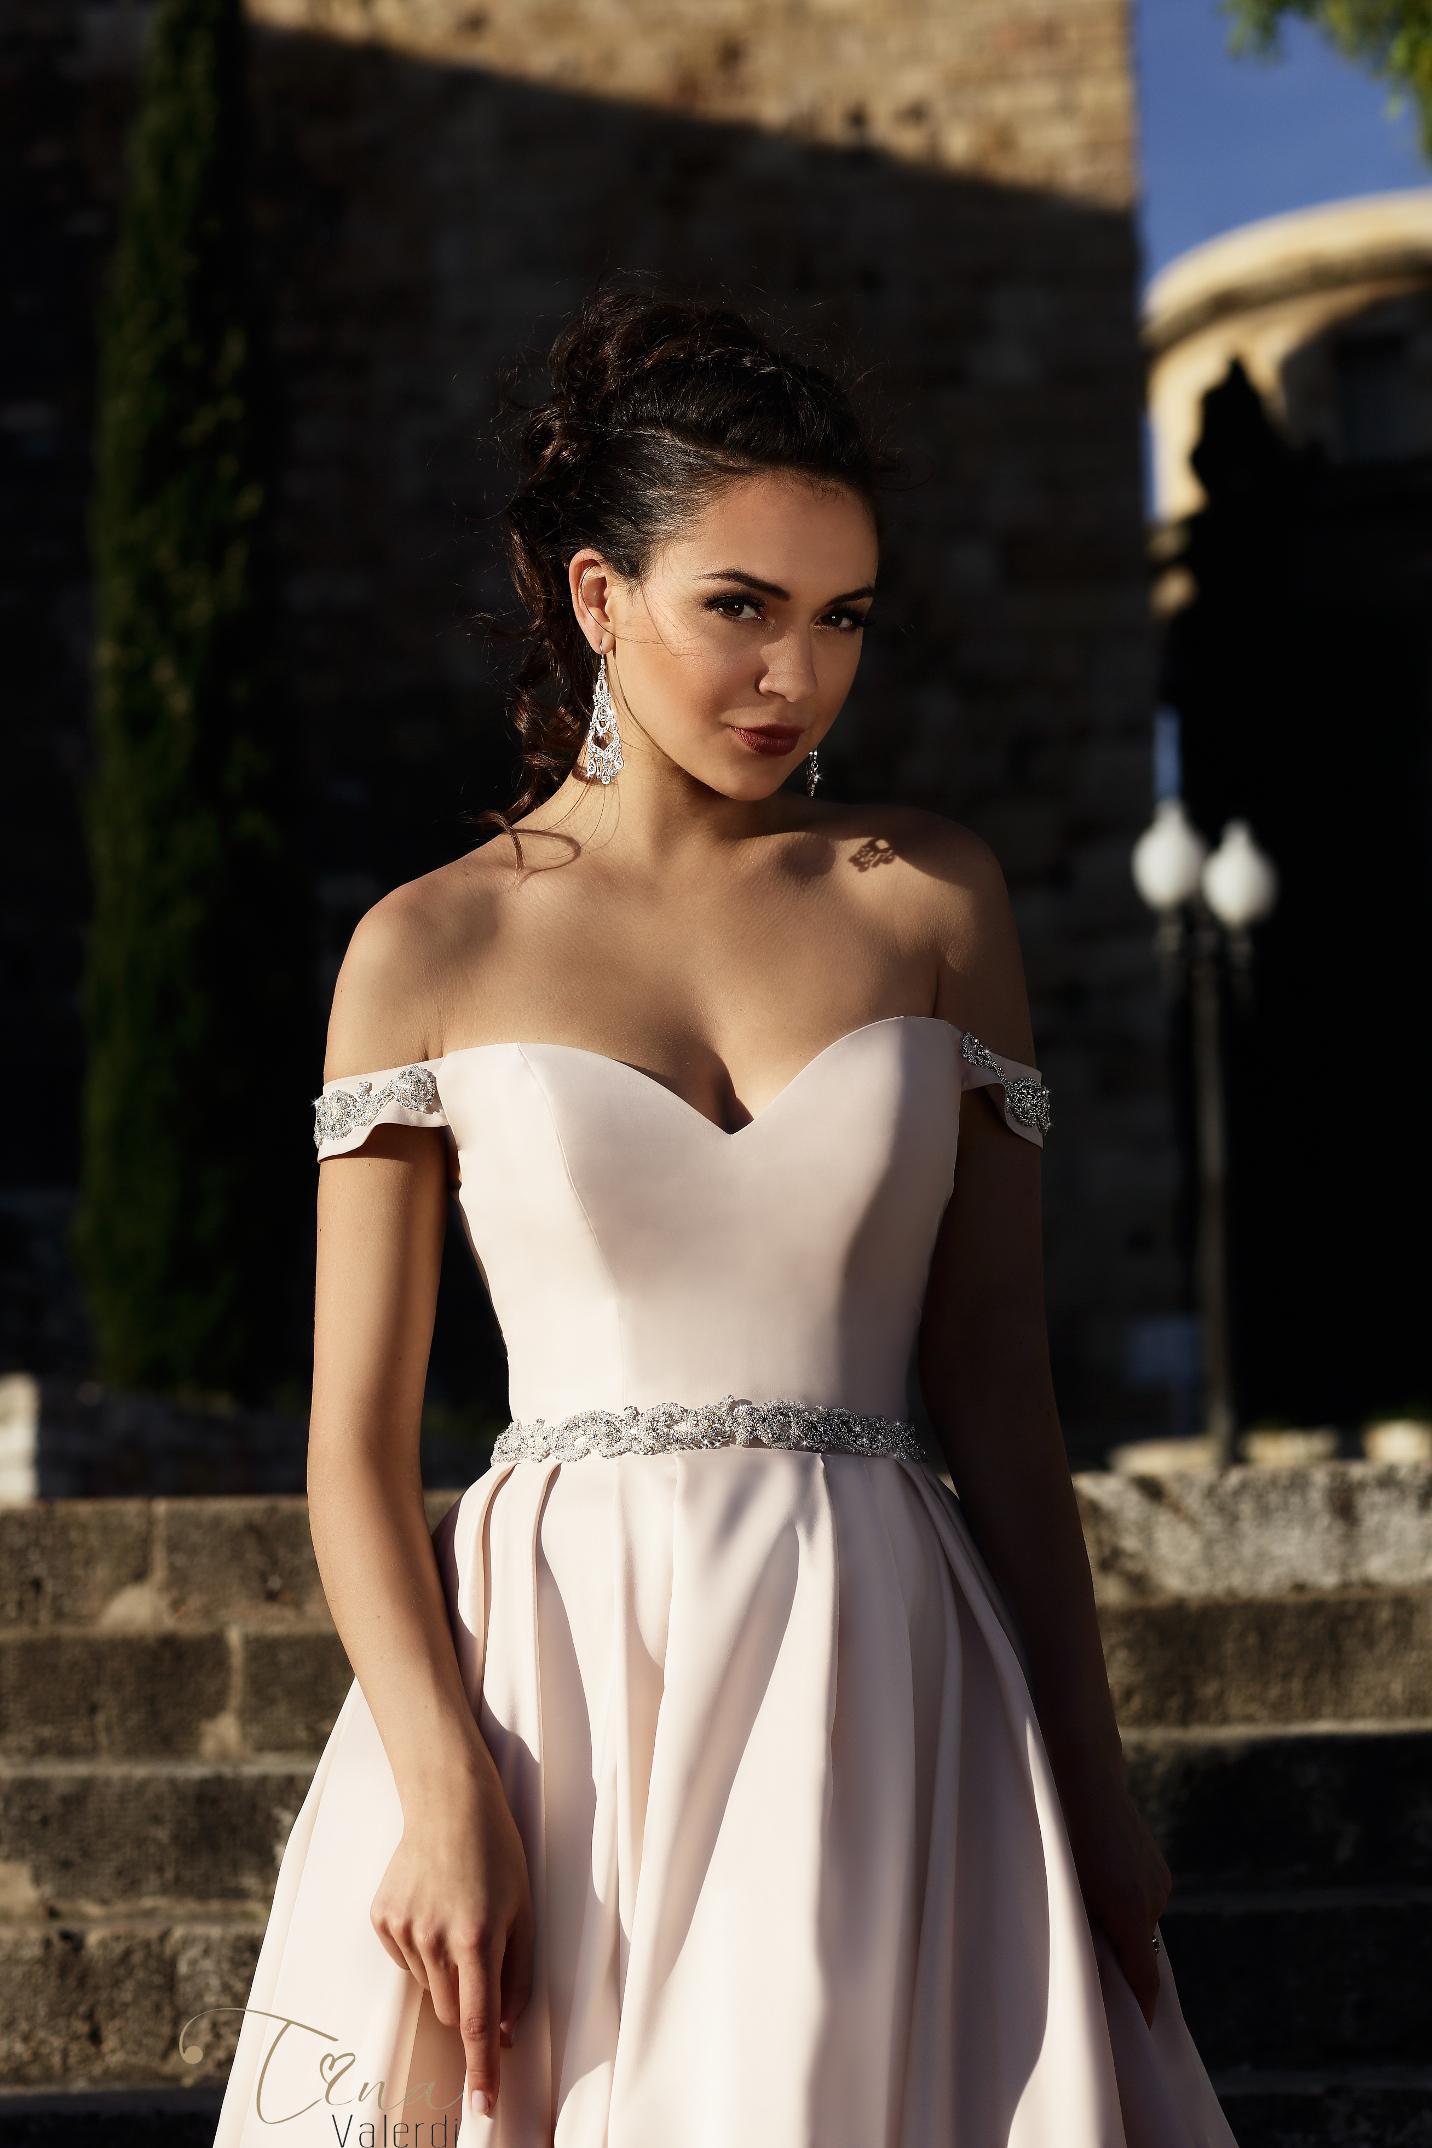 vestuvines sukneles tina valerdi Marisa4